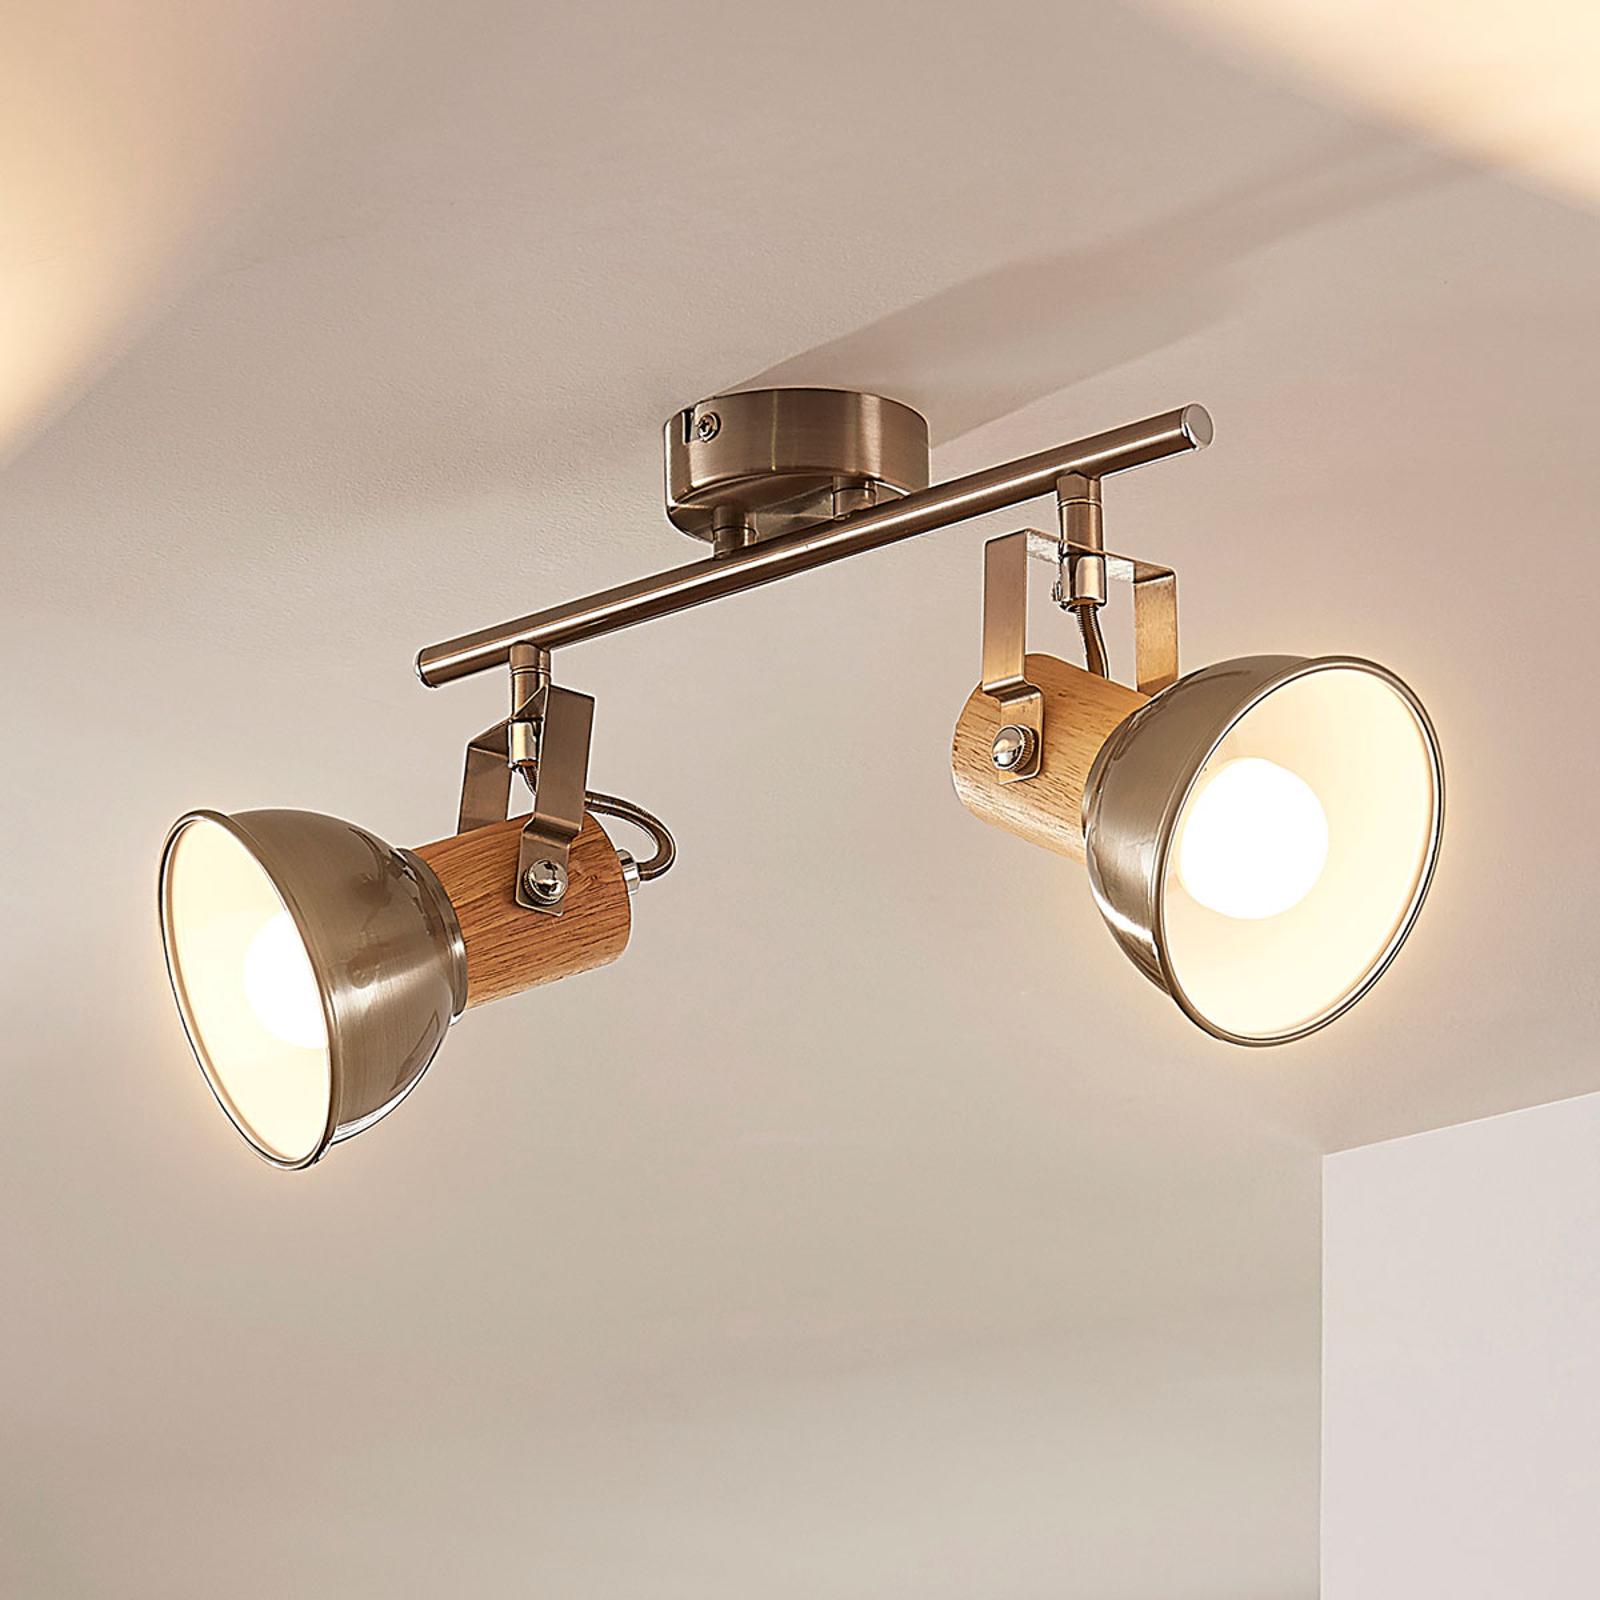 Plafonnier LED Dennis à 2 lampes, déco bois